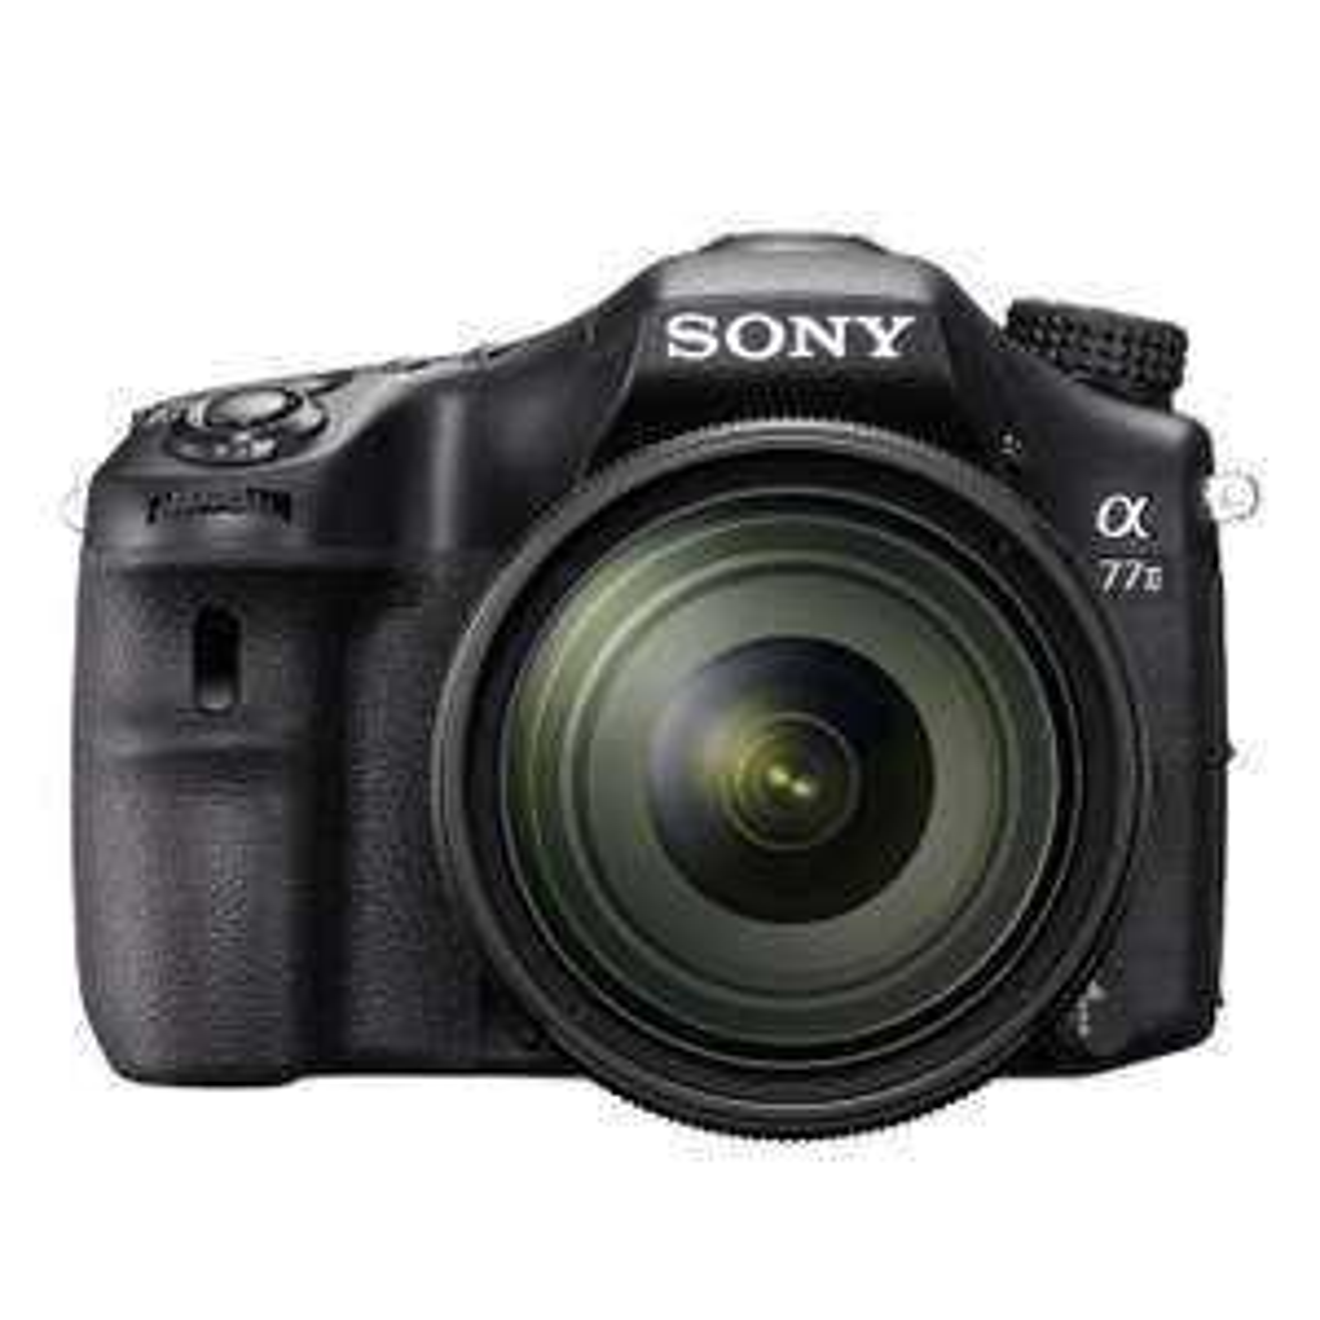 Sony Alpha 77 II Kit inkl. DT 16-50mm f2.8 SSM (SAL-1650) Objektiv für 1.002,04€ [Amazon.it]